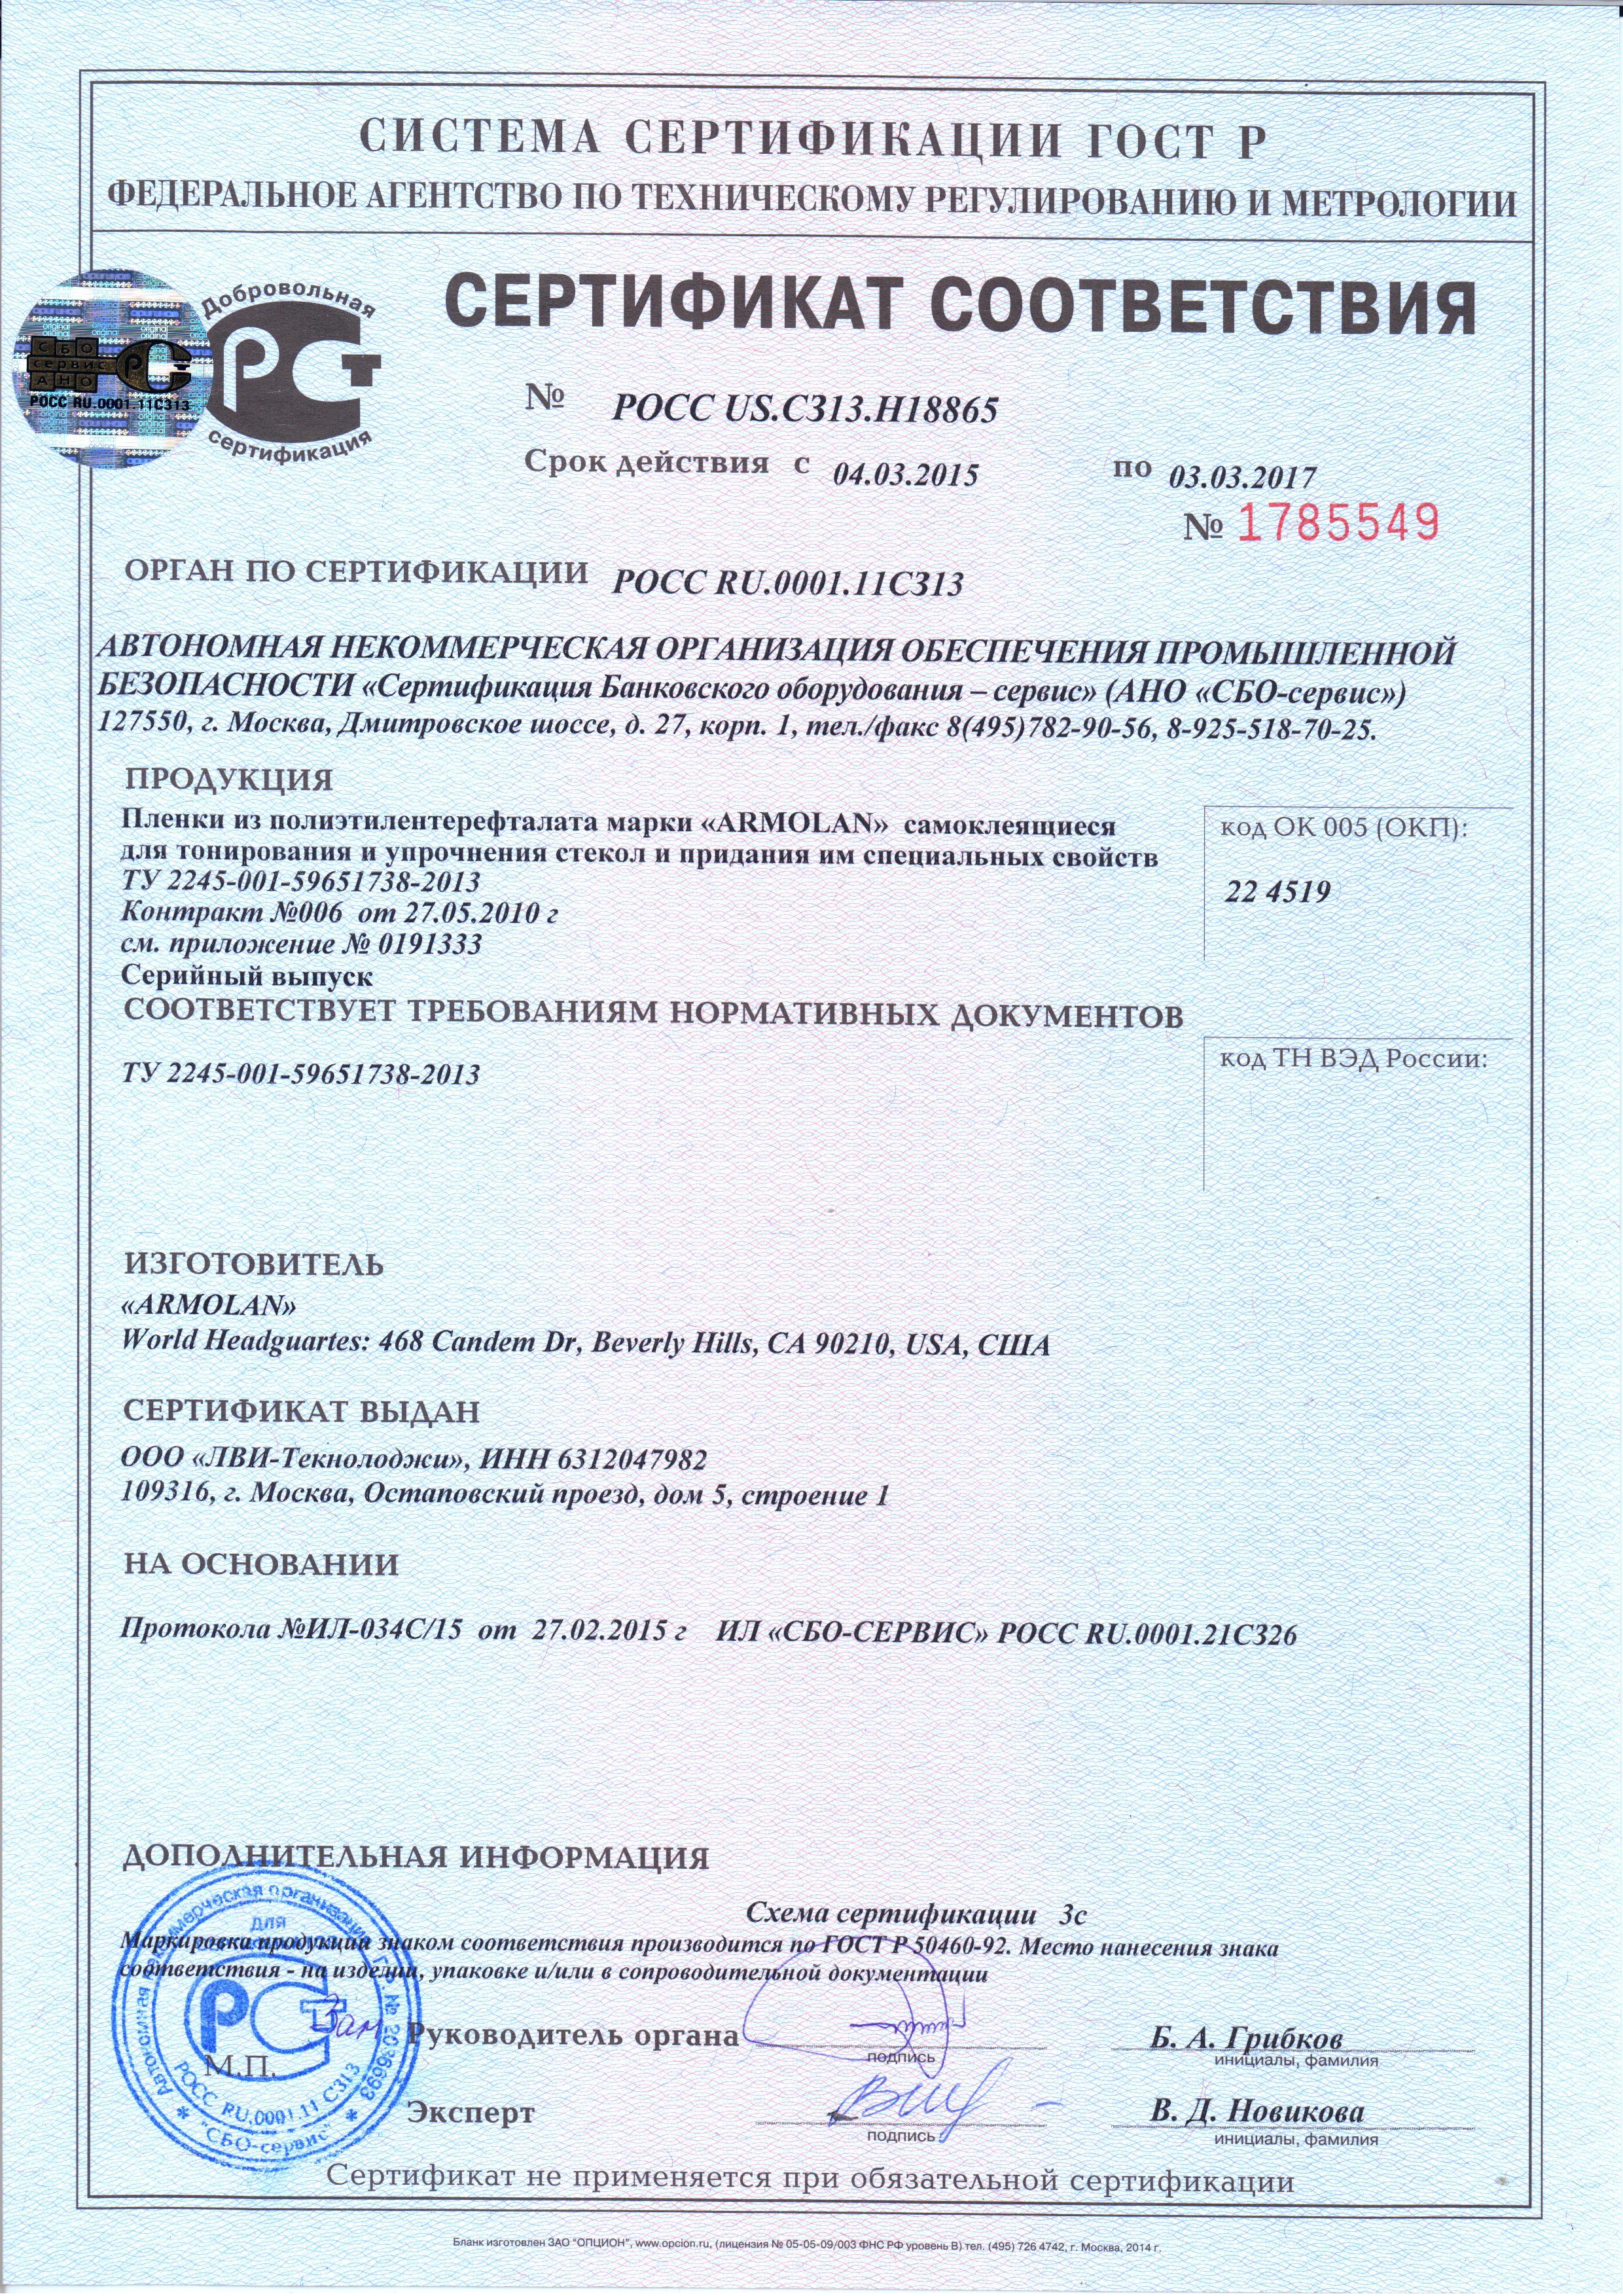 Сертификат а3 гост р51136-98 сертификация лаборатории авиагсм